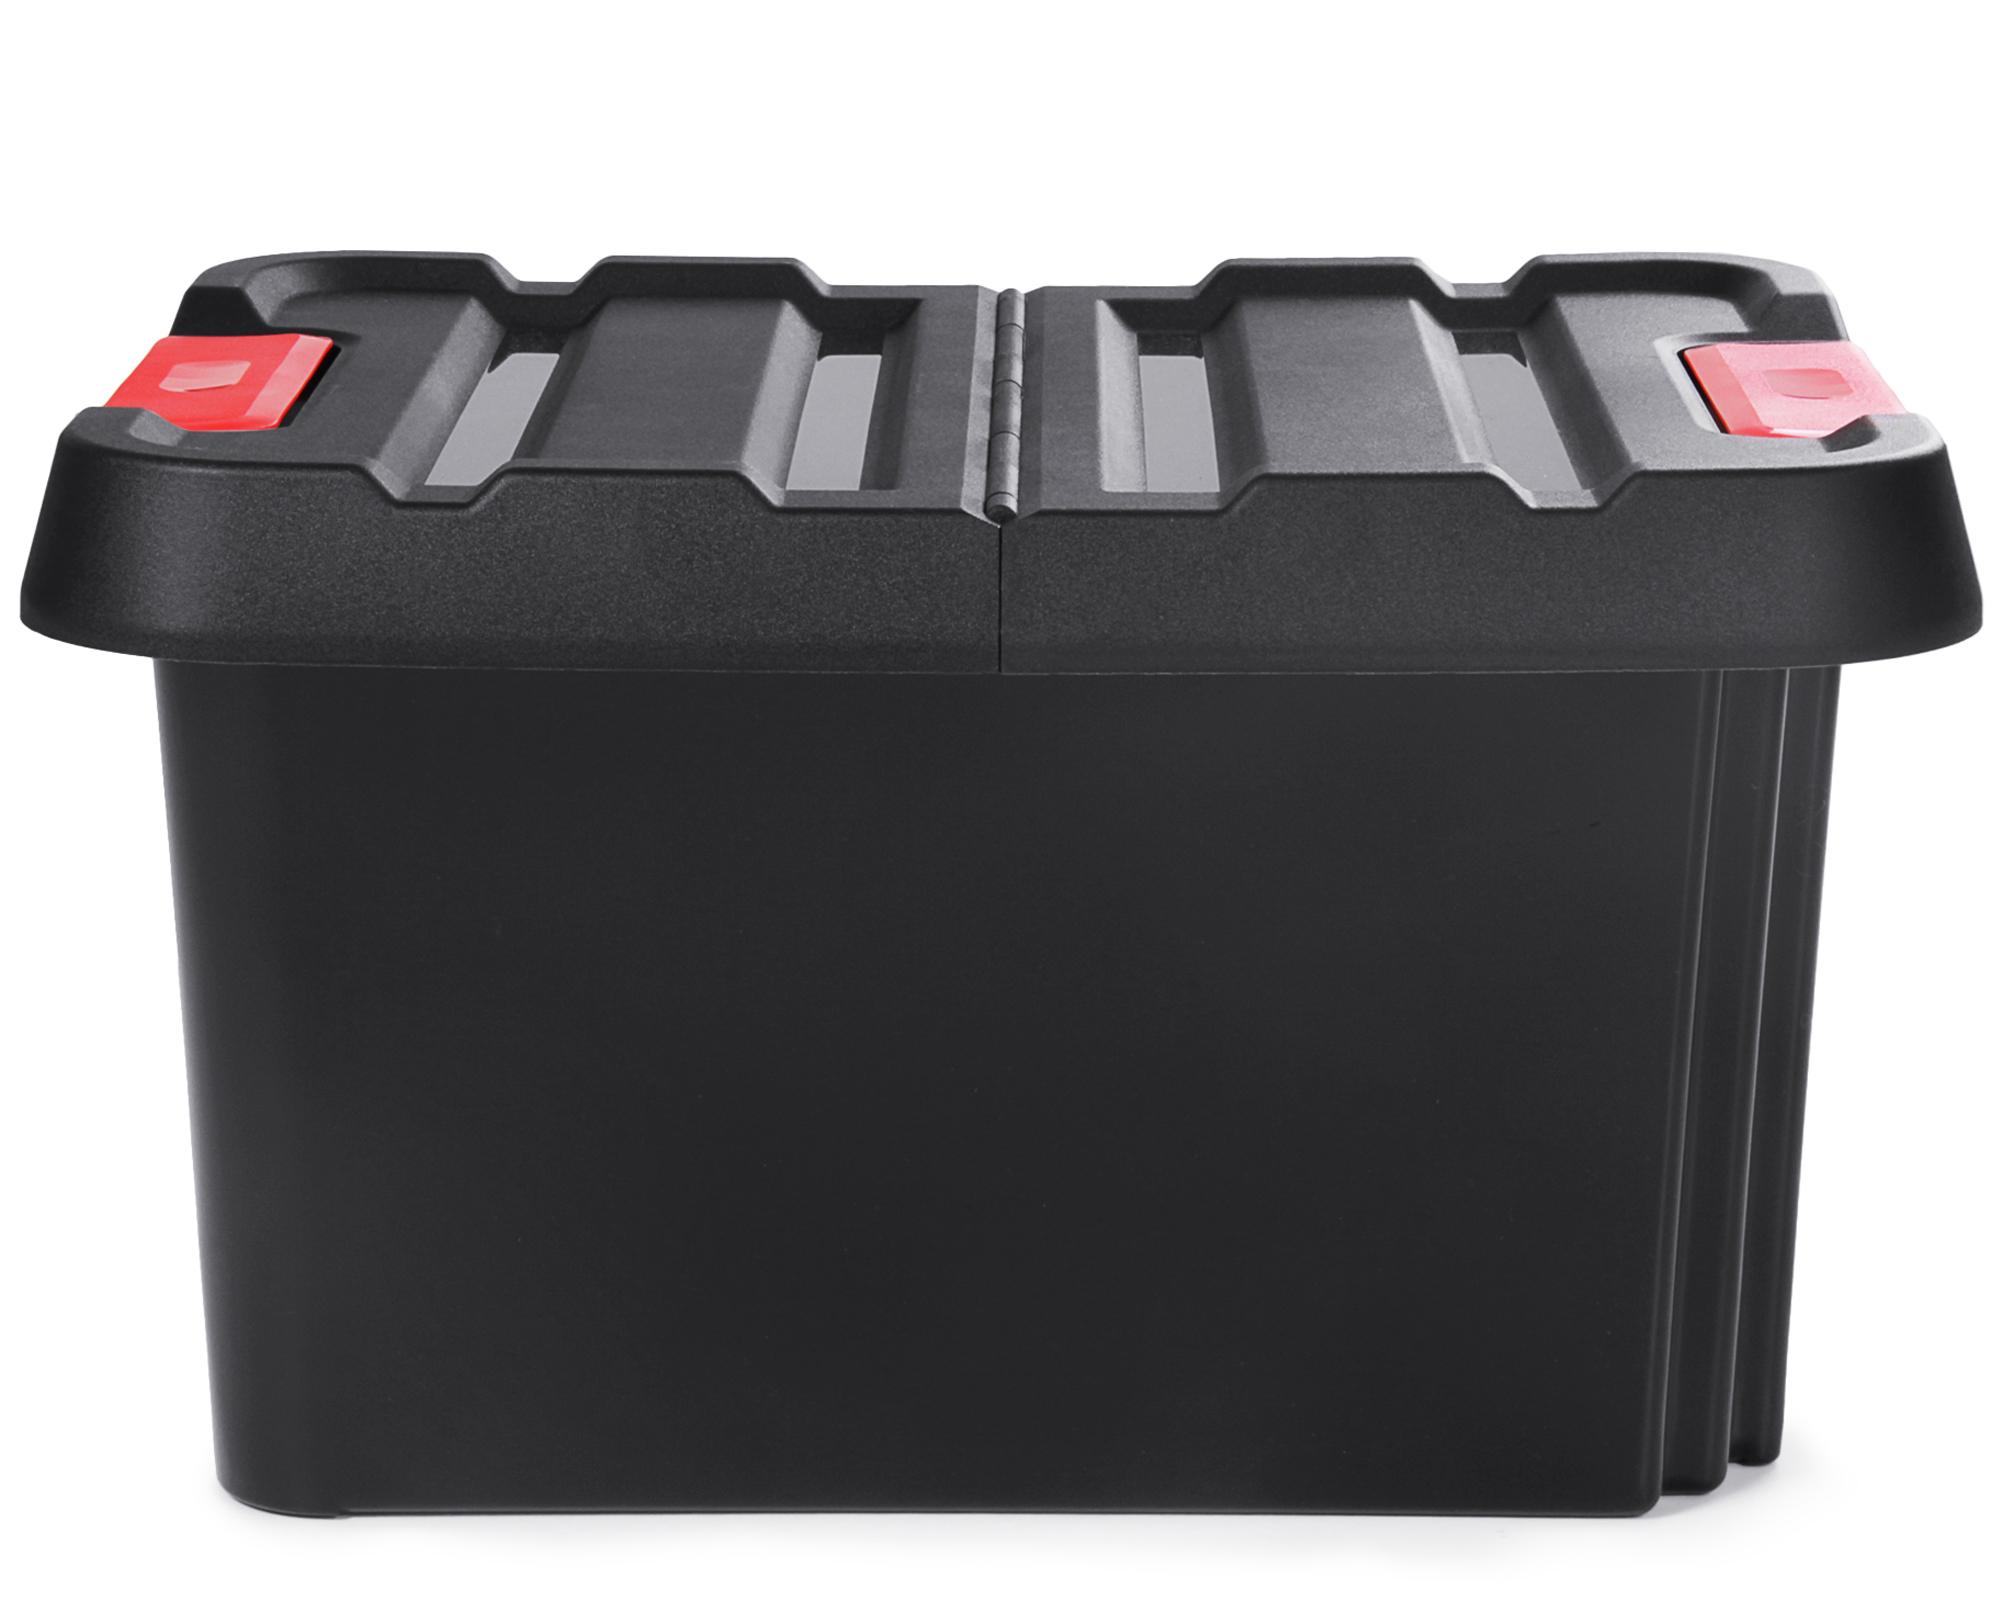 Ondis24 Dreh Und Stapelbox Malle Aufbewahrungsbox Mit Deckel 85 L